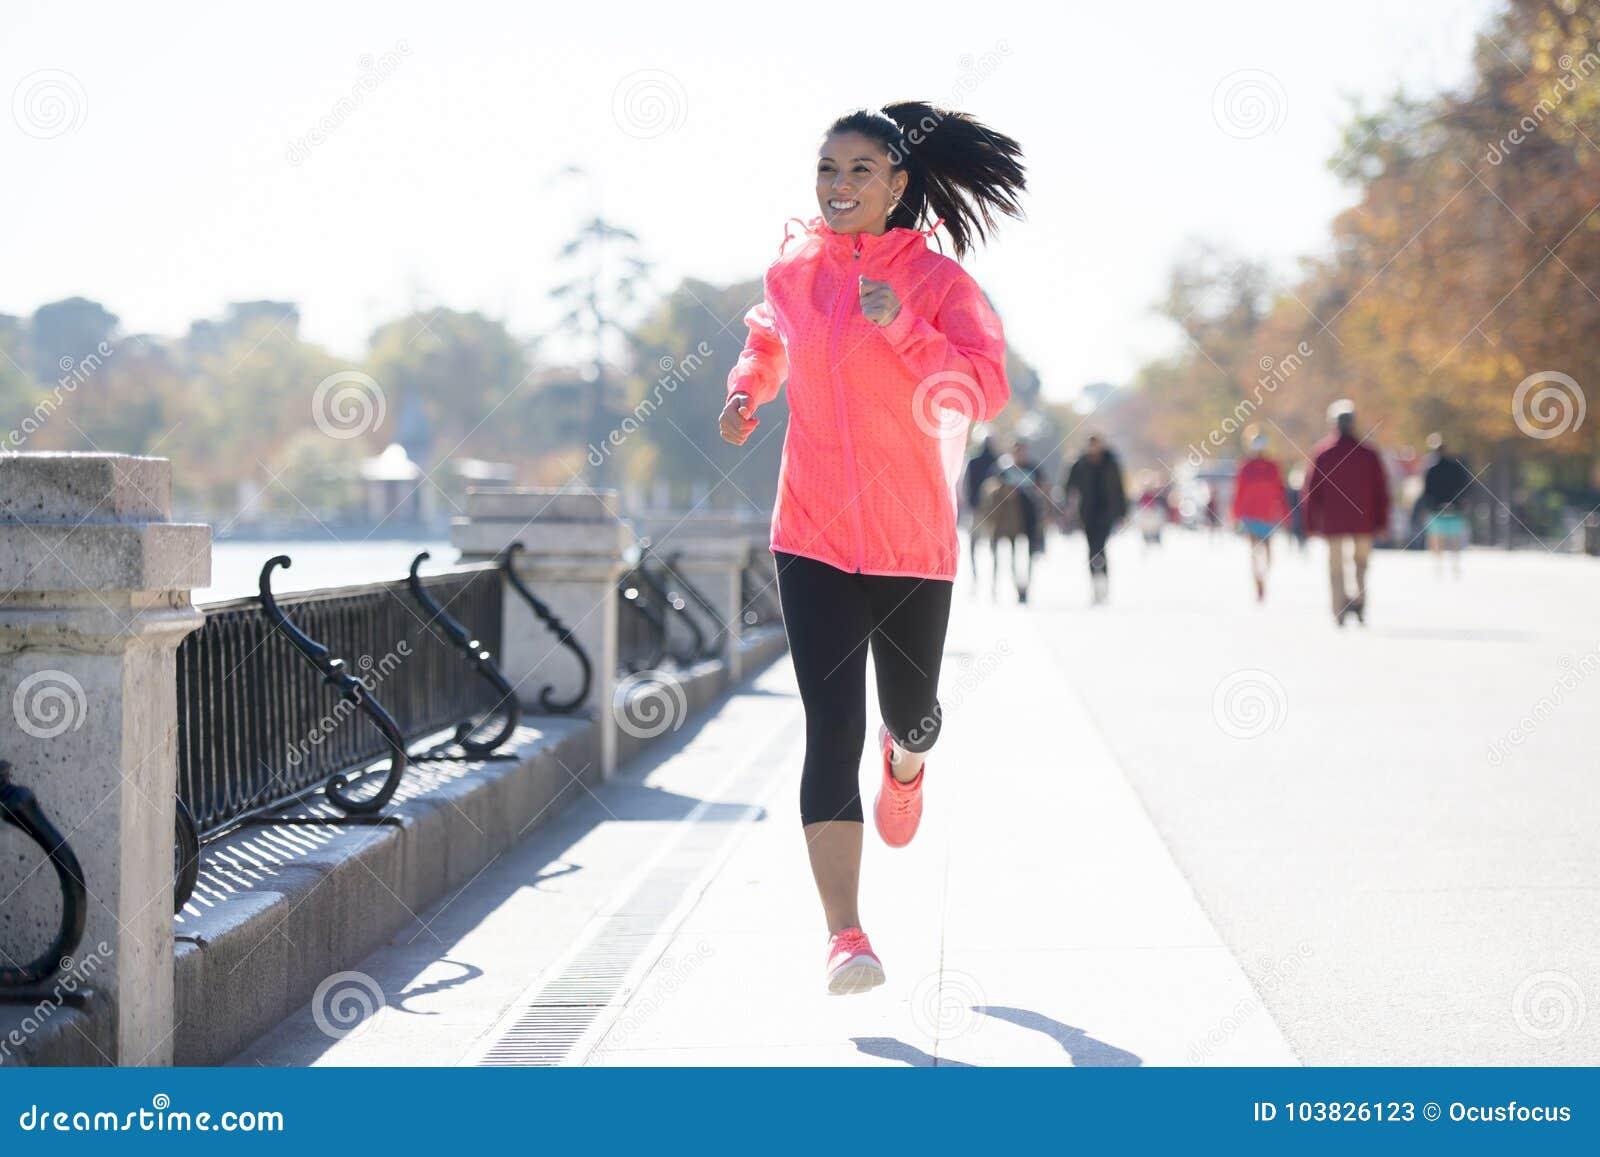 Ευτυχής γυναίκα δρομέων sportswear φθινοπώρου ή χειμώνα στο τρέξιμο και το TR